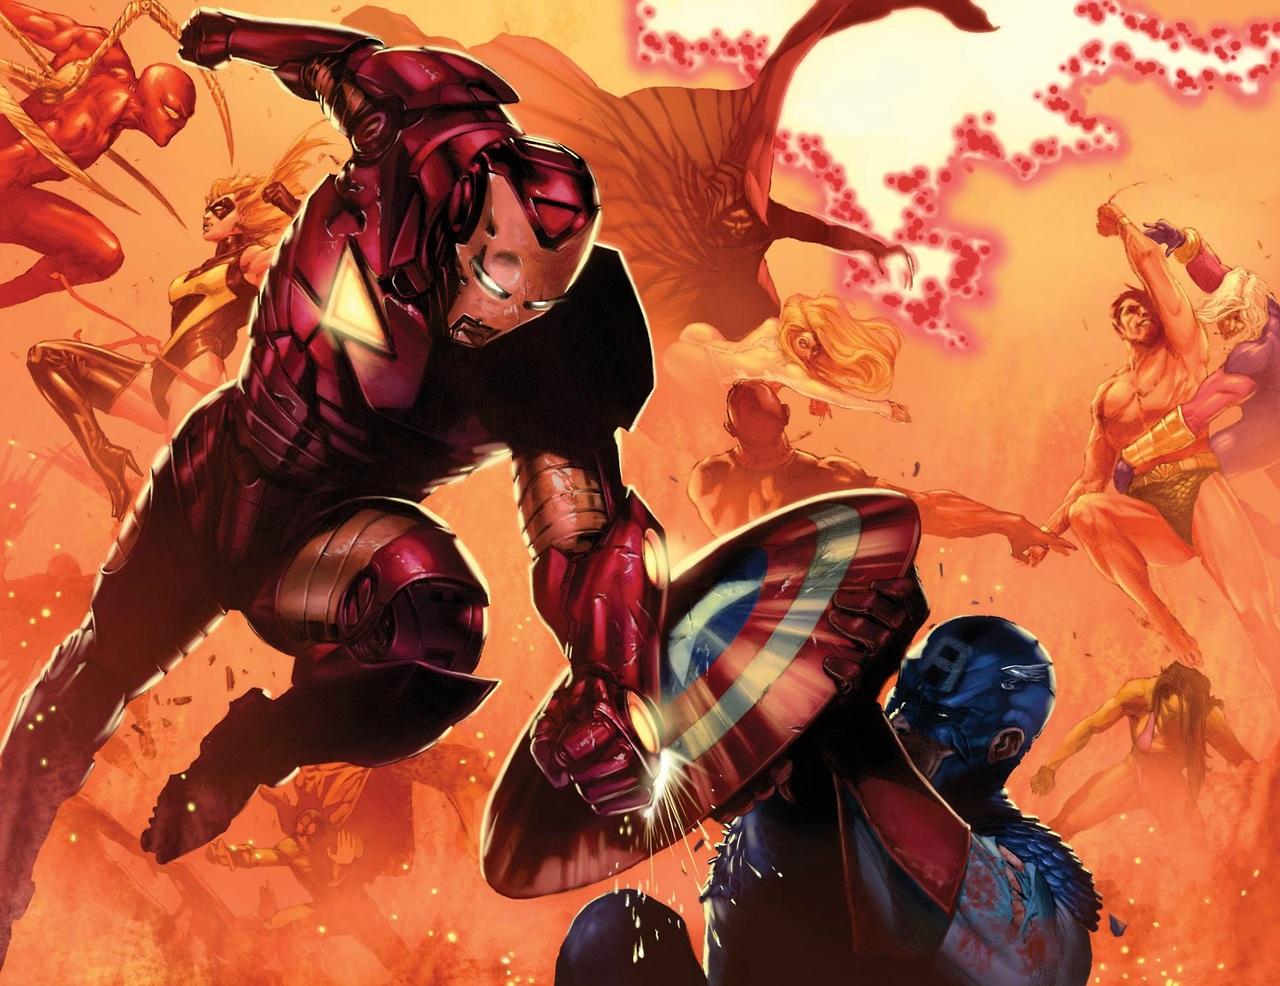 Iron-Man-Vs-Captain-America-by-Gabriele-DellOtto1